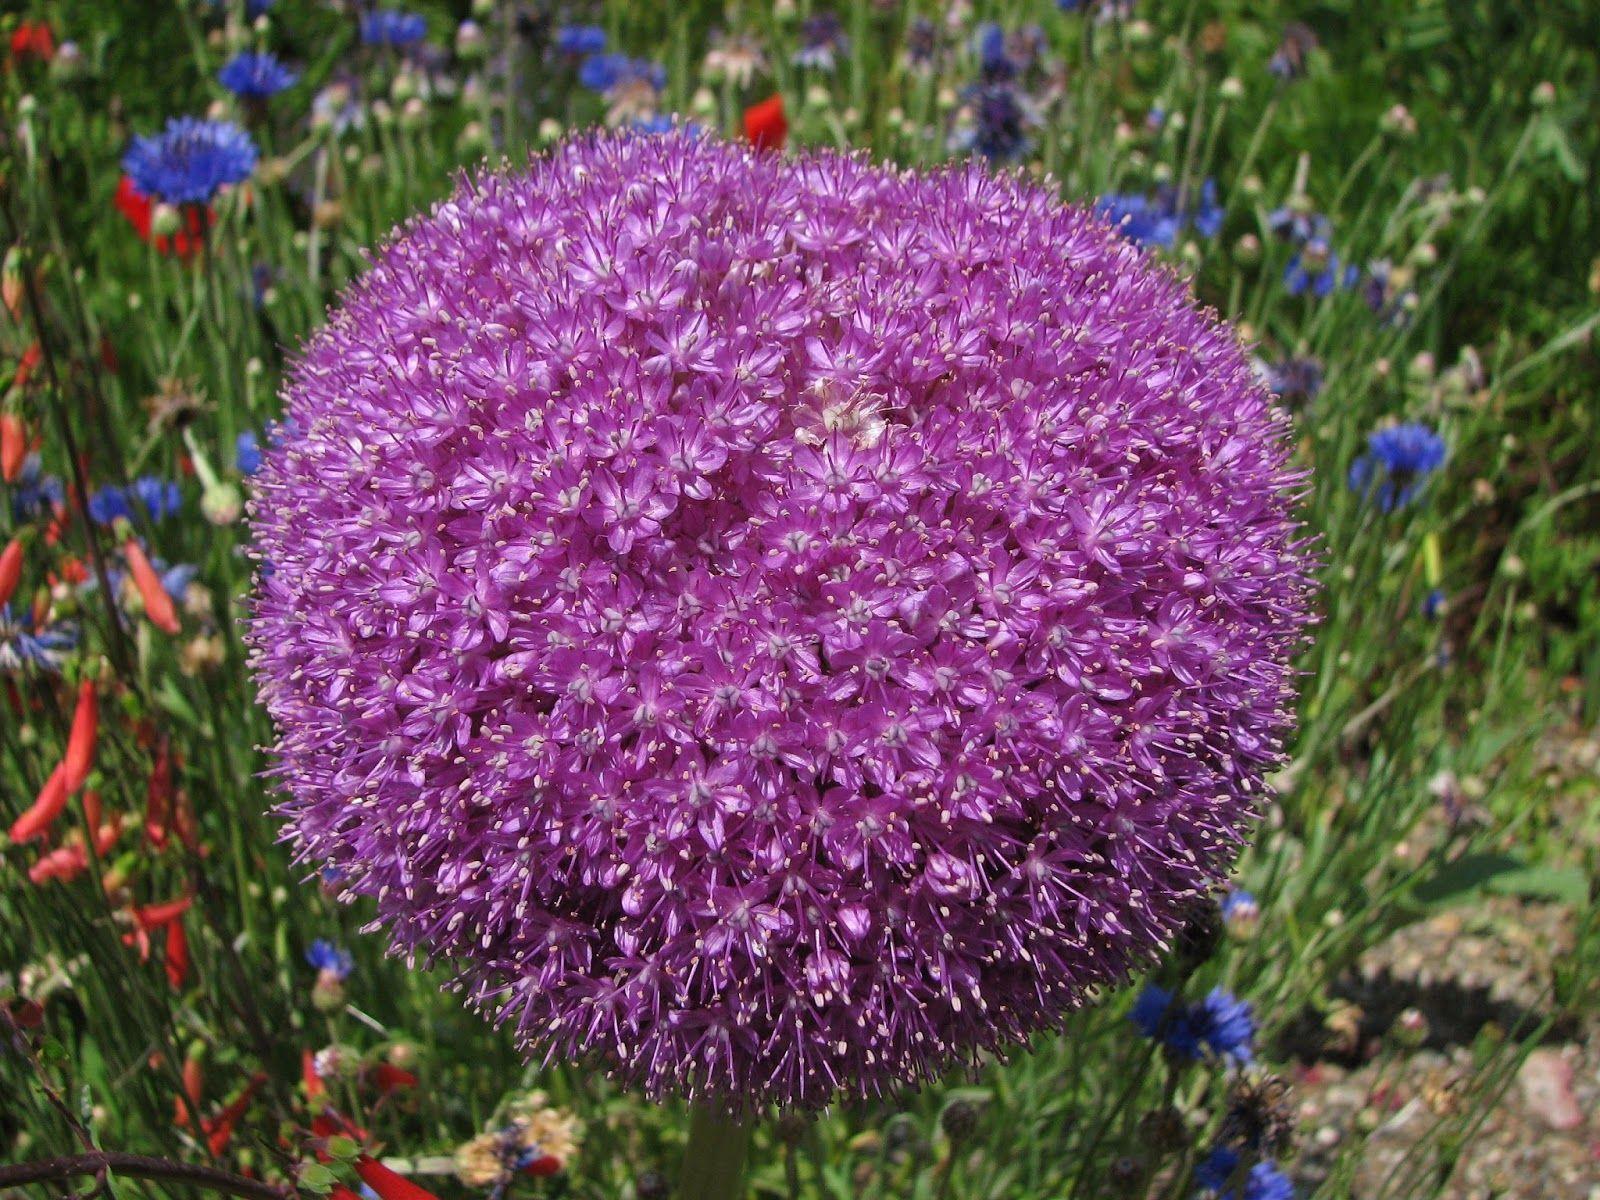 Allium Giganteum Flower Inspirational the Allium Giganteum Nature